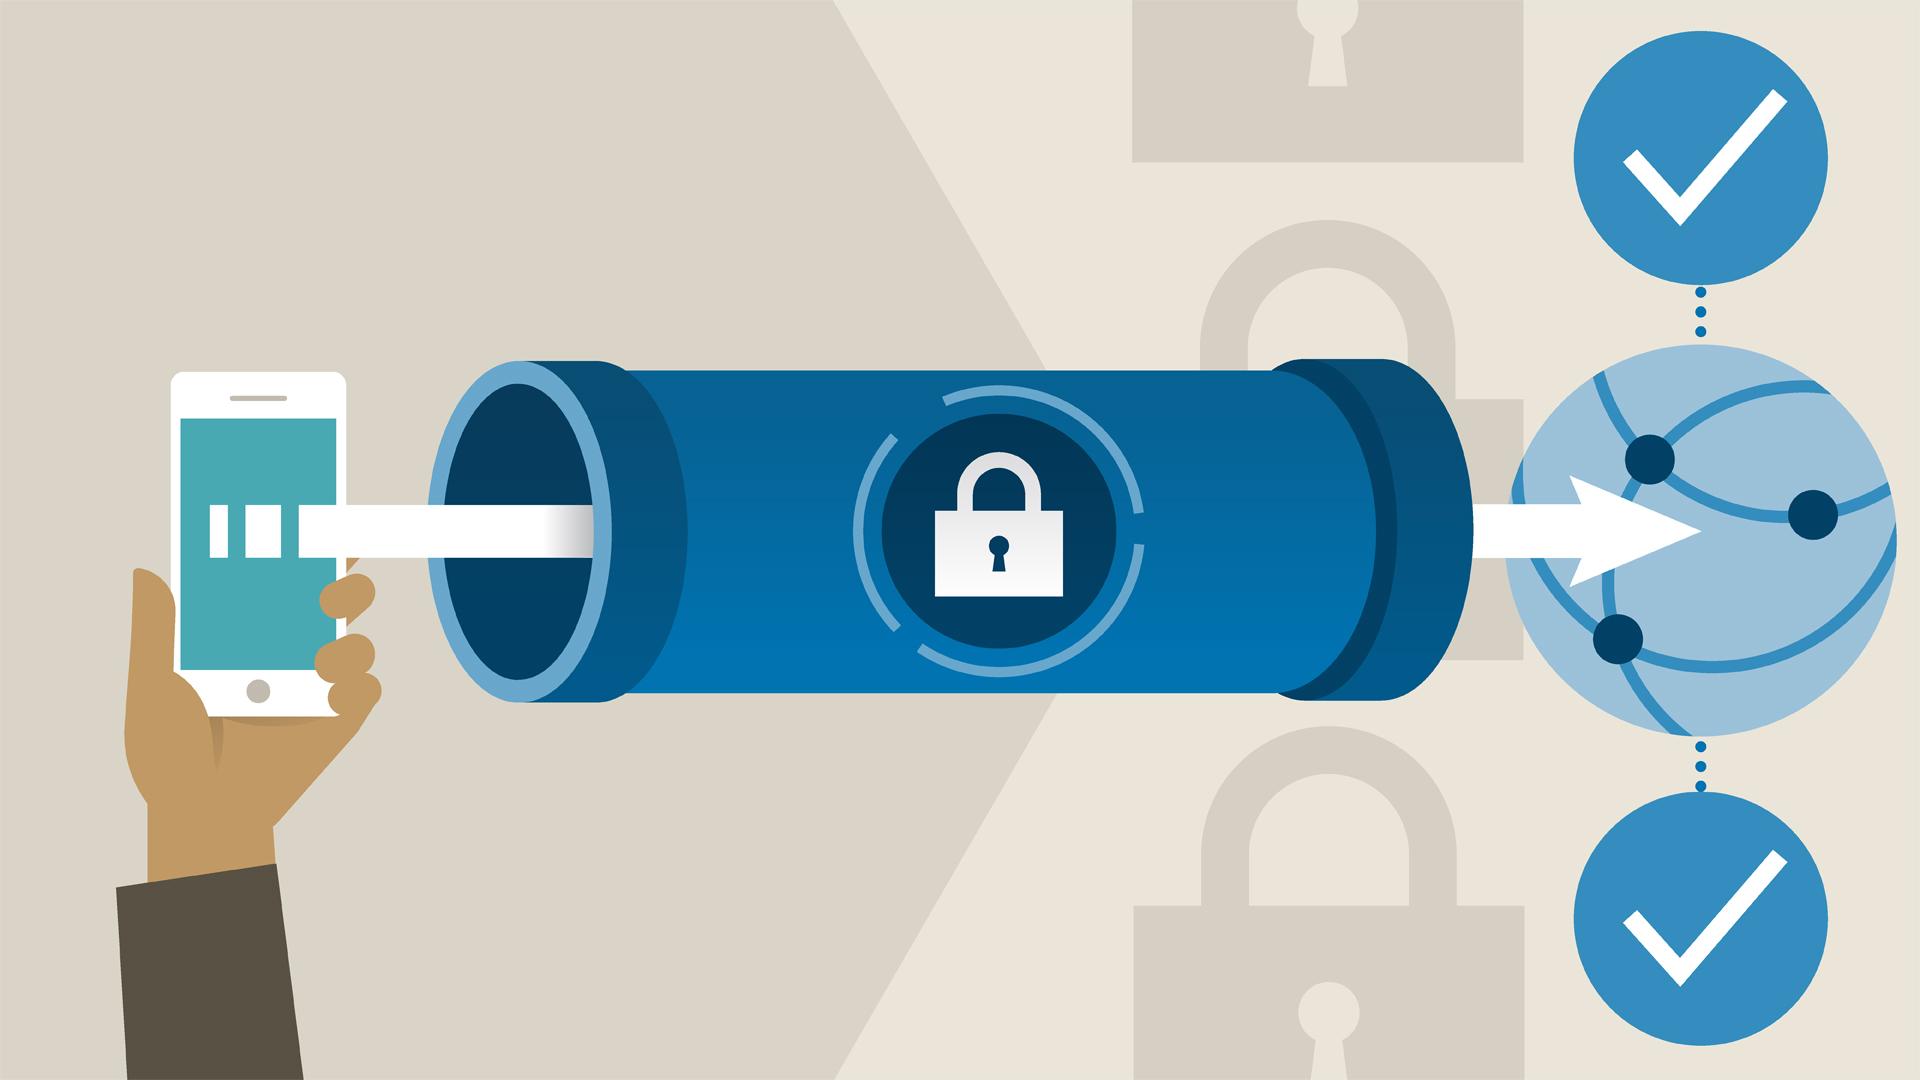 Perché utilizzare una VPN?